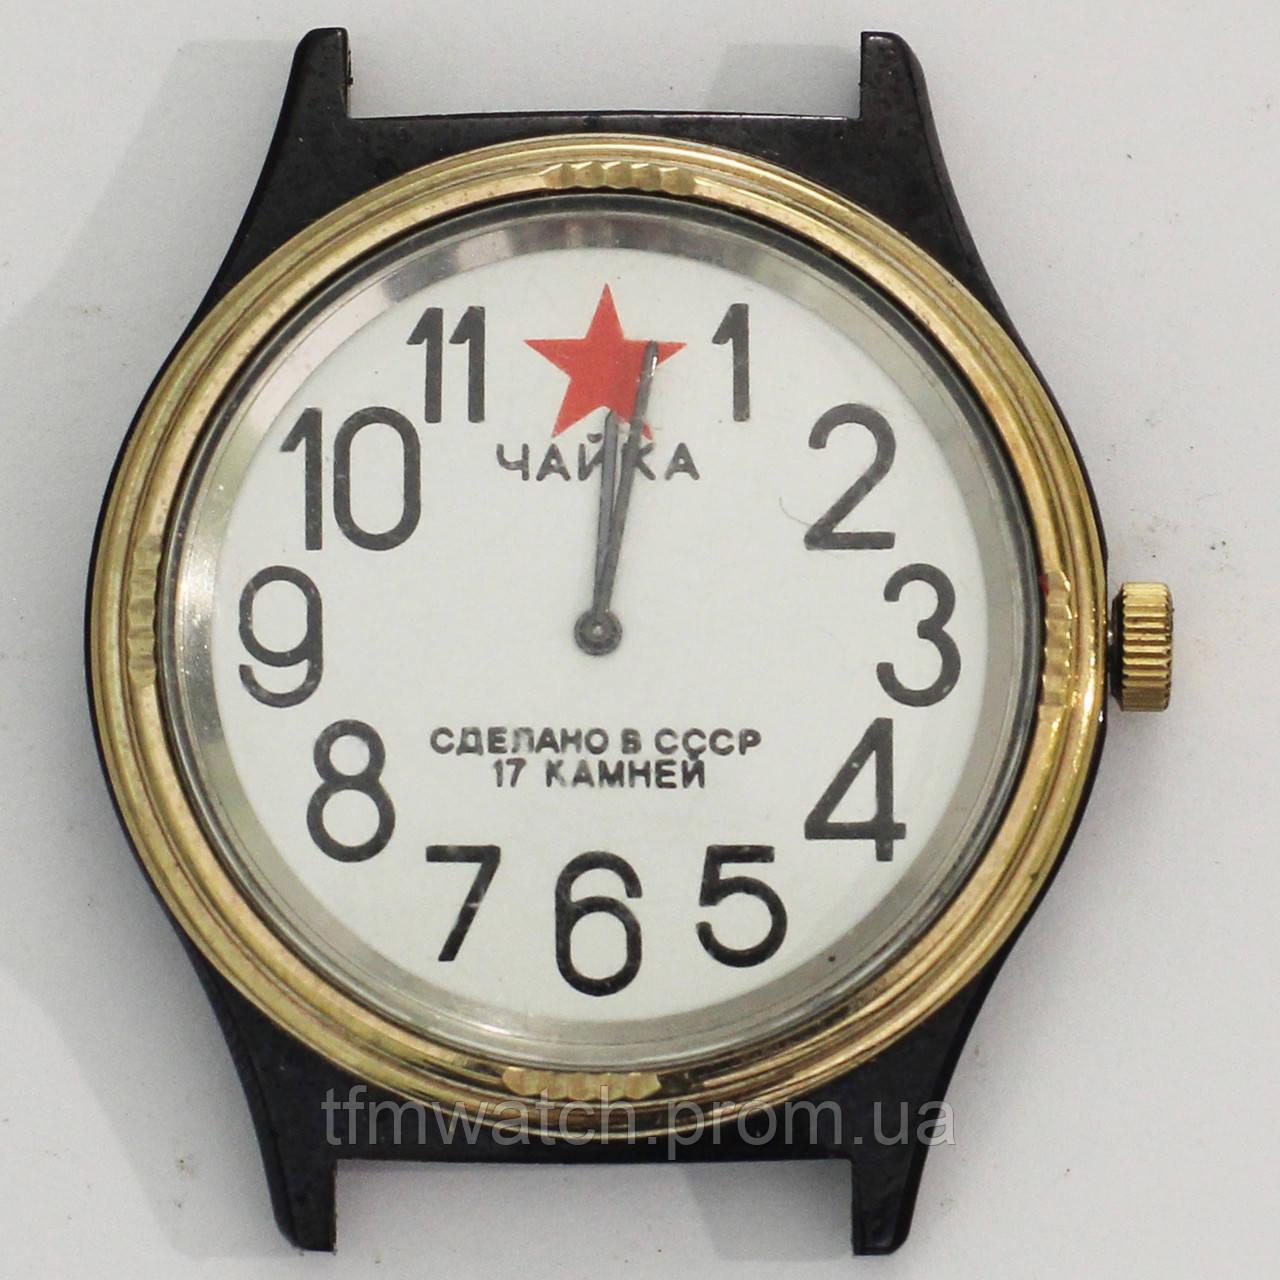 Часы Чайка сделано в СССР